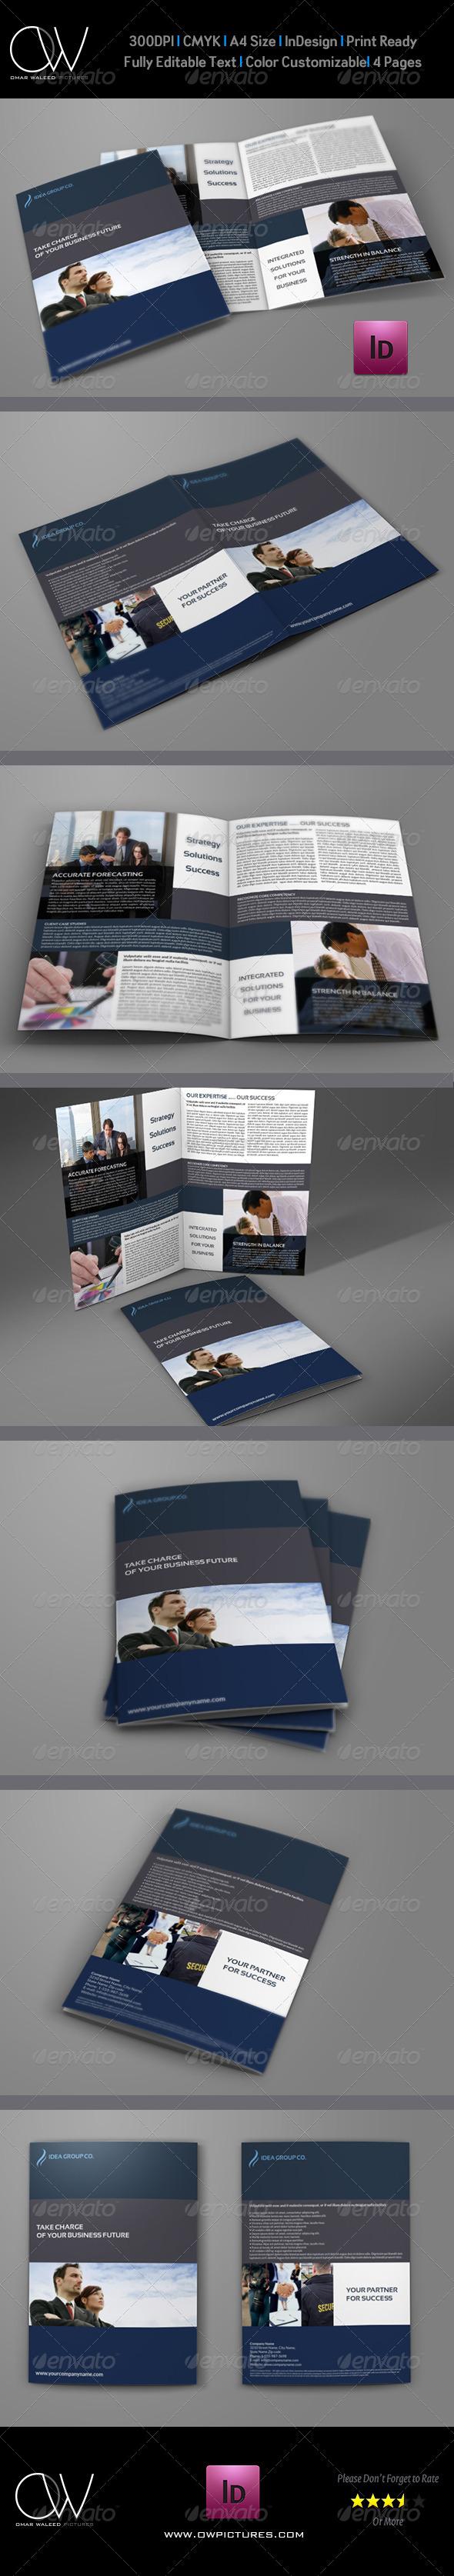 GraphicRiver Company Brochure Bi-Fold Template Vol.14 6509710